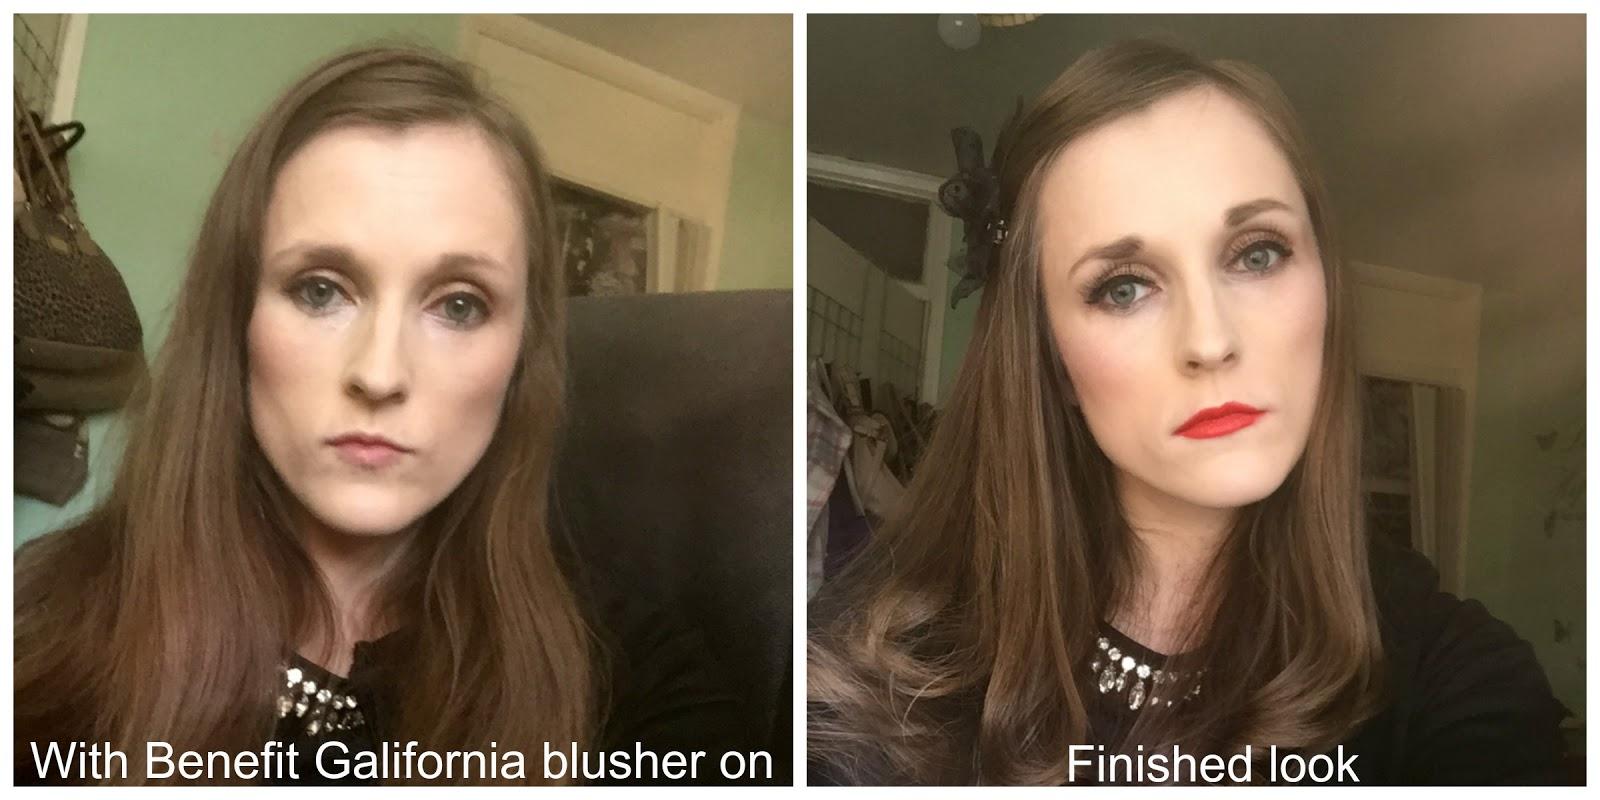 wearing benefit galifornia blusher